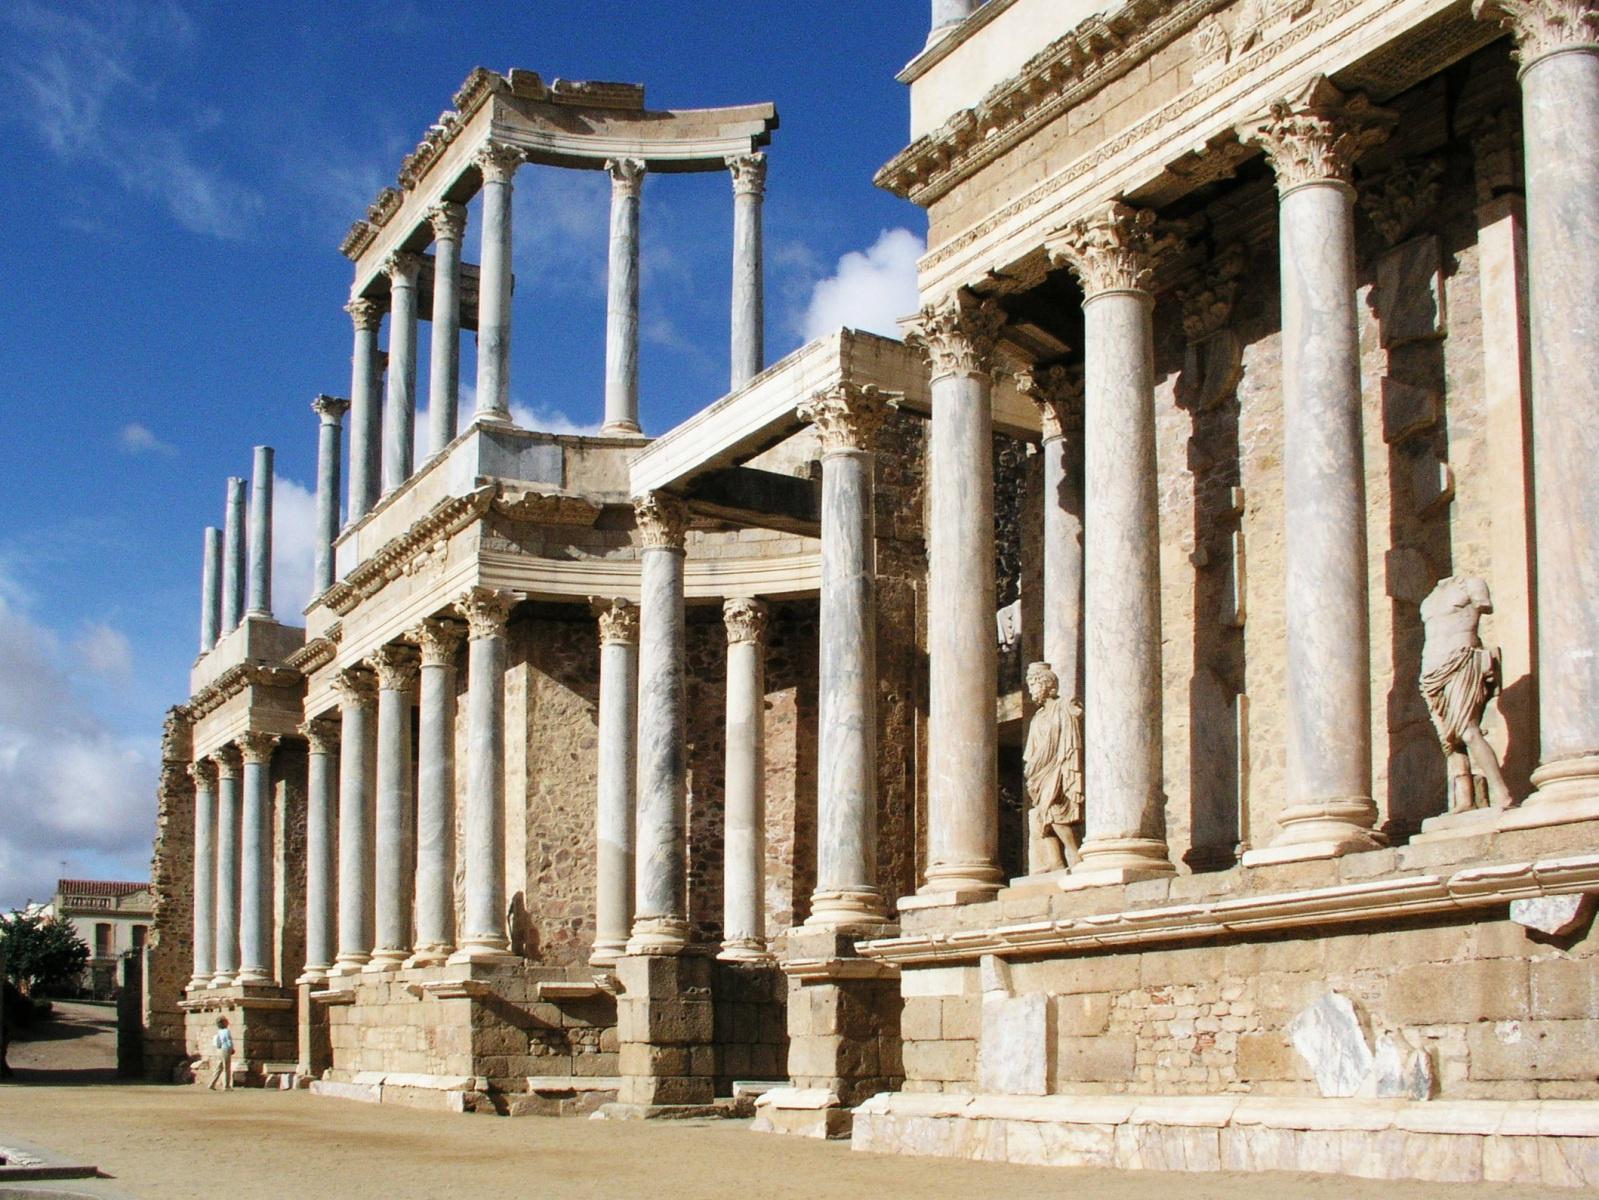 Римский театр в Мериде, Мерида, Испания